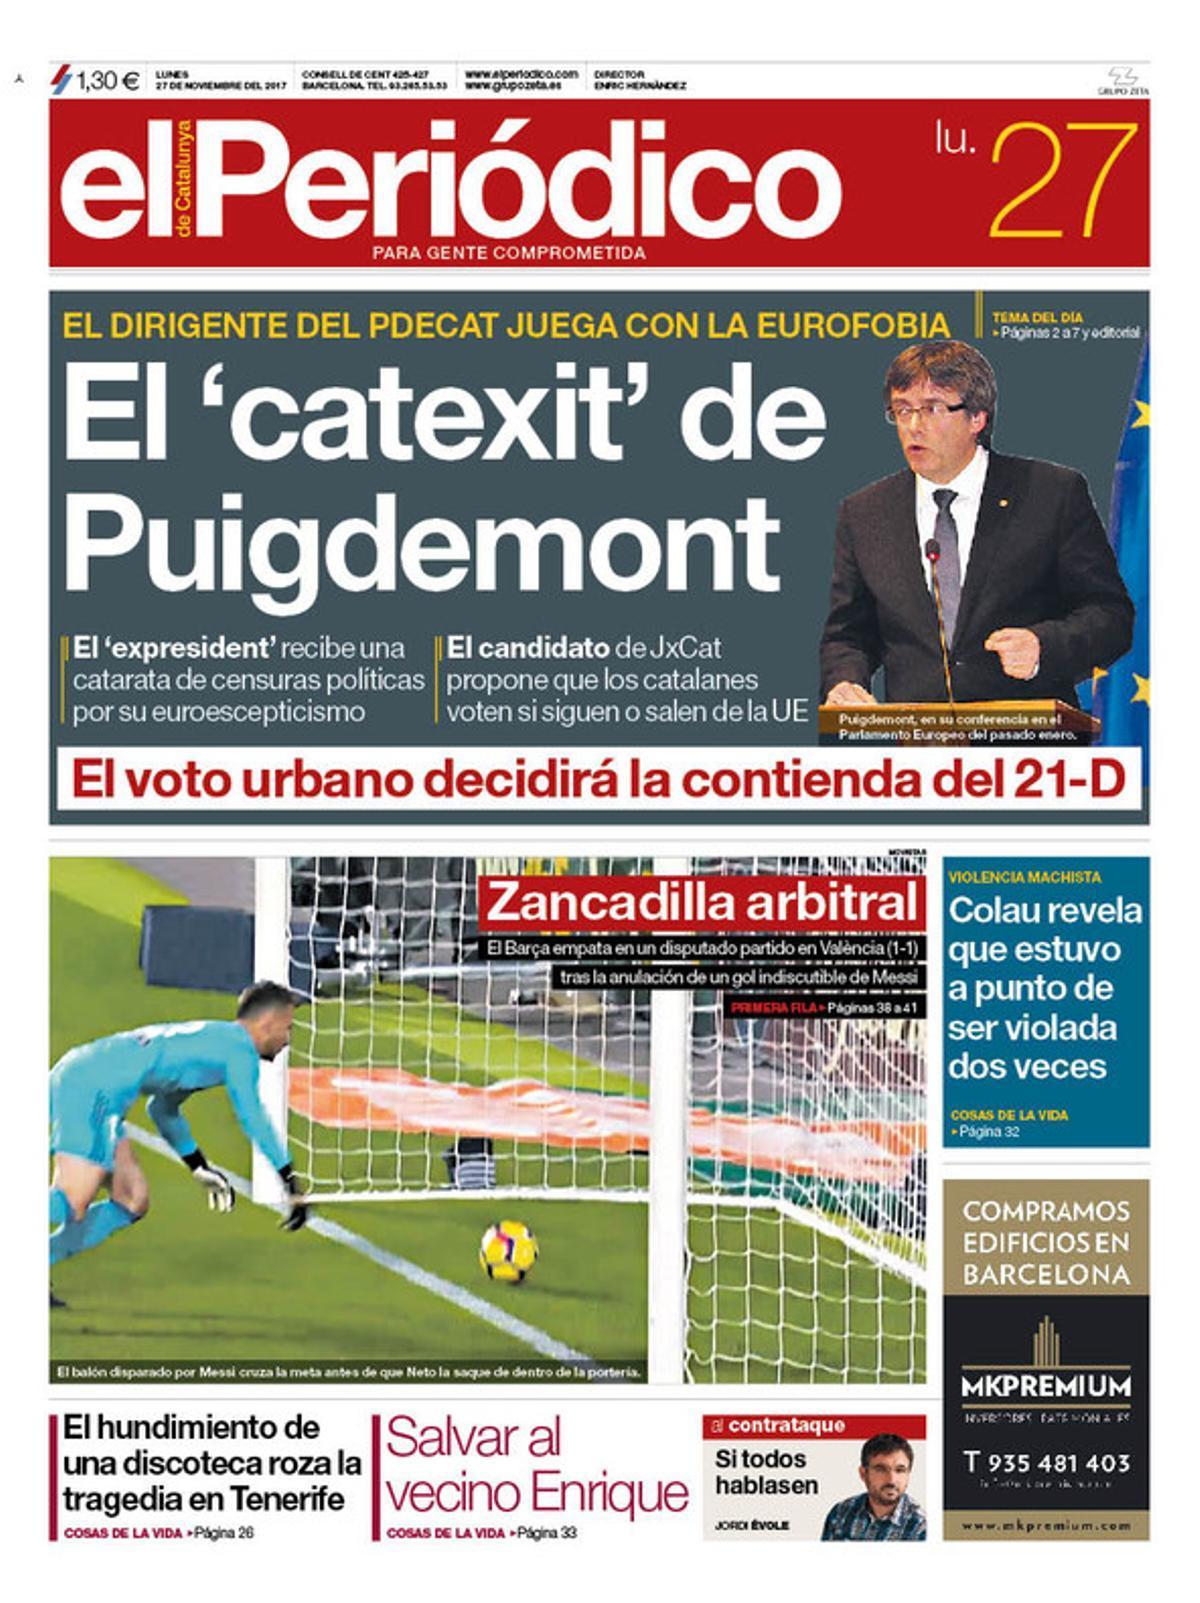 La portada de EL PERIÓDICO del 27 de noviembre del 2017.